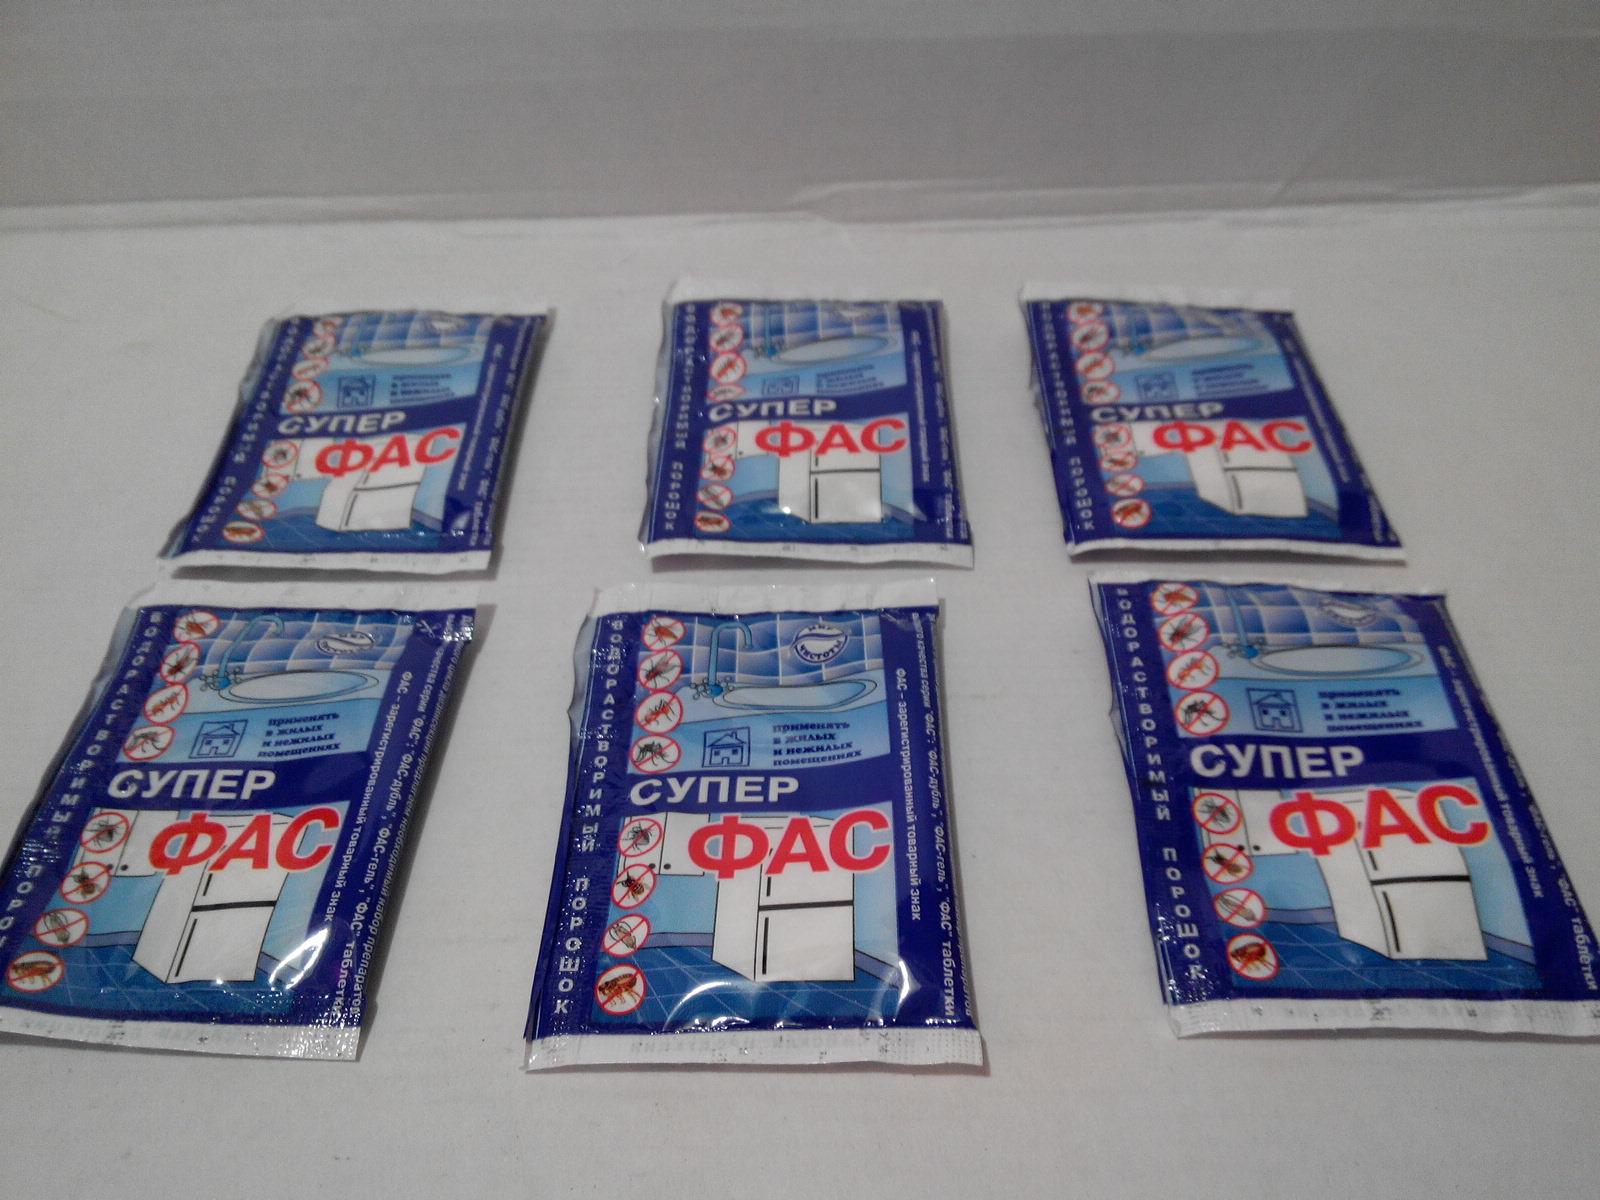 6 упаковок с препаратом Фас